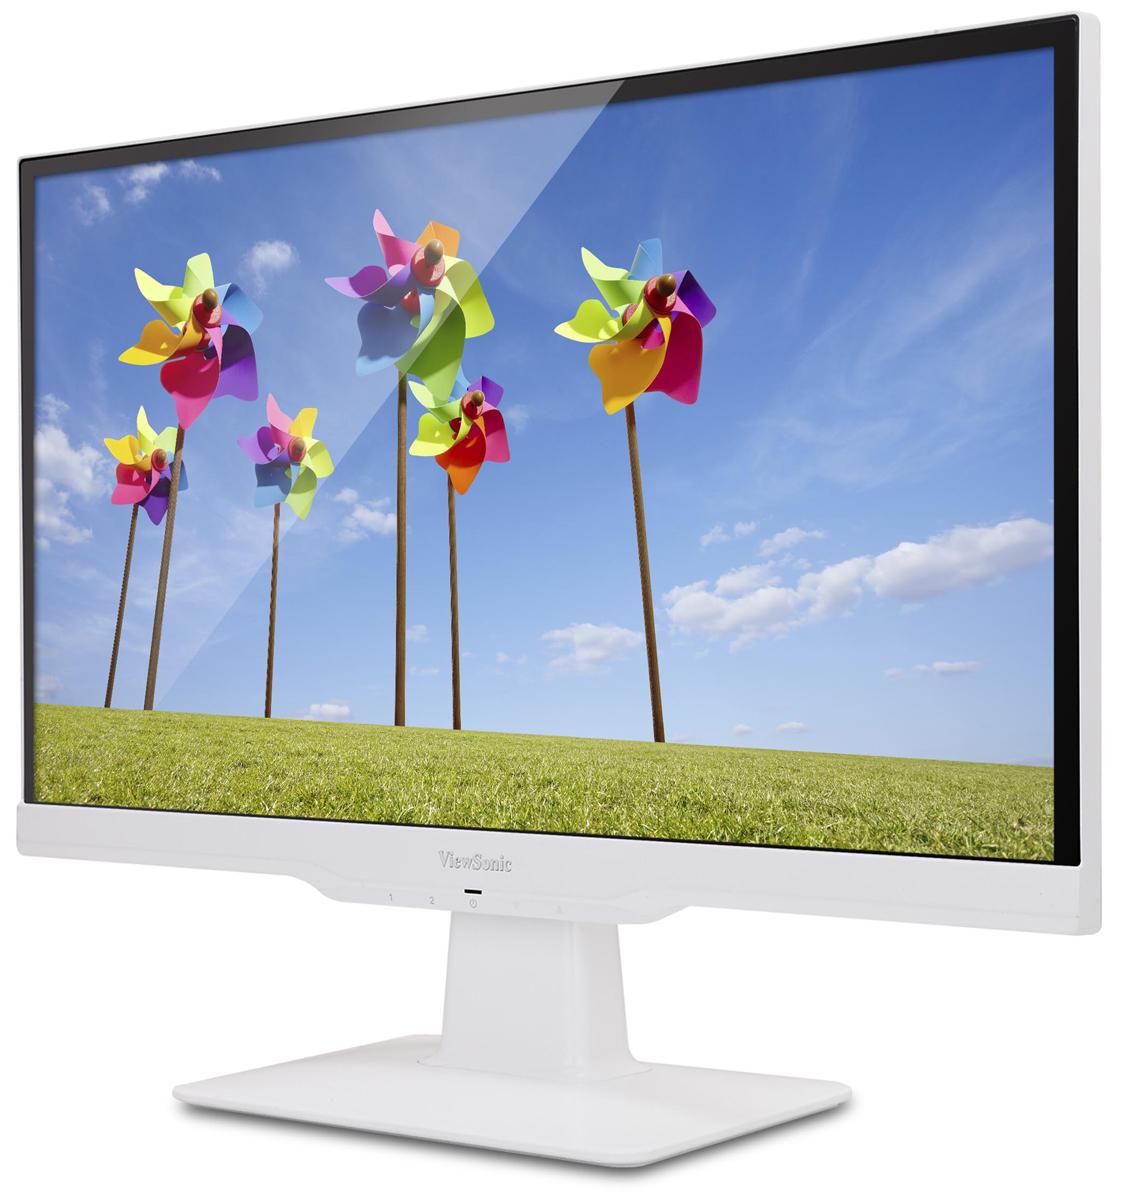 ViewSonic VX2263SMHL, White мониторVS1570122-дюймовый мультимедийный монитор ViewSonic VX2263Smhl Full HD с портами HDMI и MHL/HDMI для подключения различных устройств высокой четкости и мобильных устройств. Технология SuperClear IPS, широкие углы обзора 178 градусов и покрытие 95% цветового пространства sRGB обеспечивают превосходный уровень цветопередачи. Благодаря технологии ClearMotiv со сверхкоротким временем отклика 2 мс (GtG), технологии ViewMode и двум динамикам любители кино и ценители компьютерных игр получат отличное качество звука и изображения. Технологии для защиты глаз Flicker-Free и Blue Light Filter, режим ECO, элегантный ободок без рамки, белое глянцевое покрытие корпуса и крепления, соответствующие стандартам VESA, делают монитор VX2263Smhl превосходным устройством для любого дома или офиса. Технология улучшения изображения SuperClear обеспечивает превосходную цветопередачу и расширяет углы обзора до 178° по горизонтали и по вертикали. Глядя на экран сверху, снизу, прямо или...